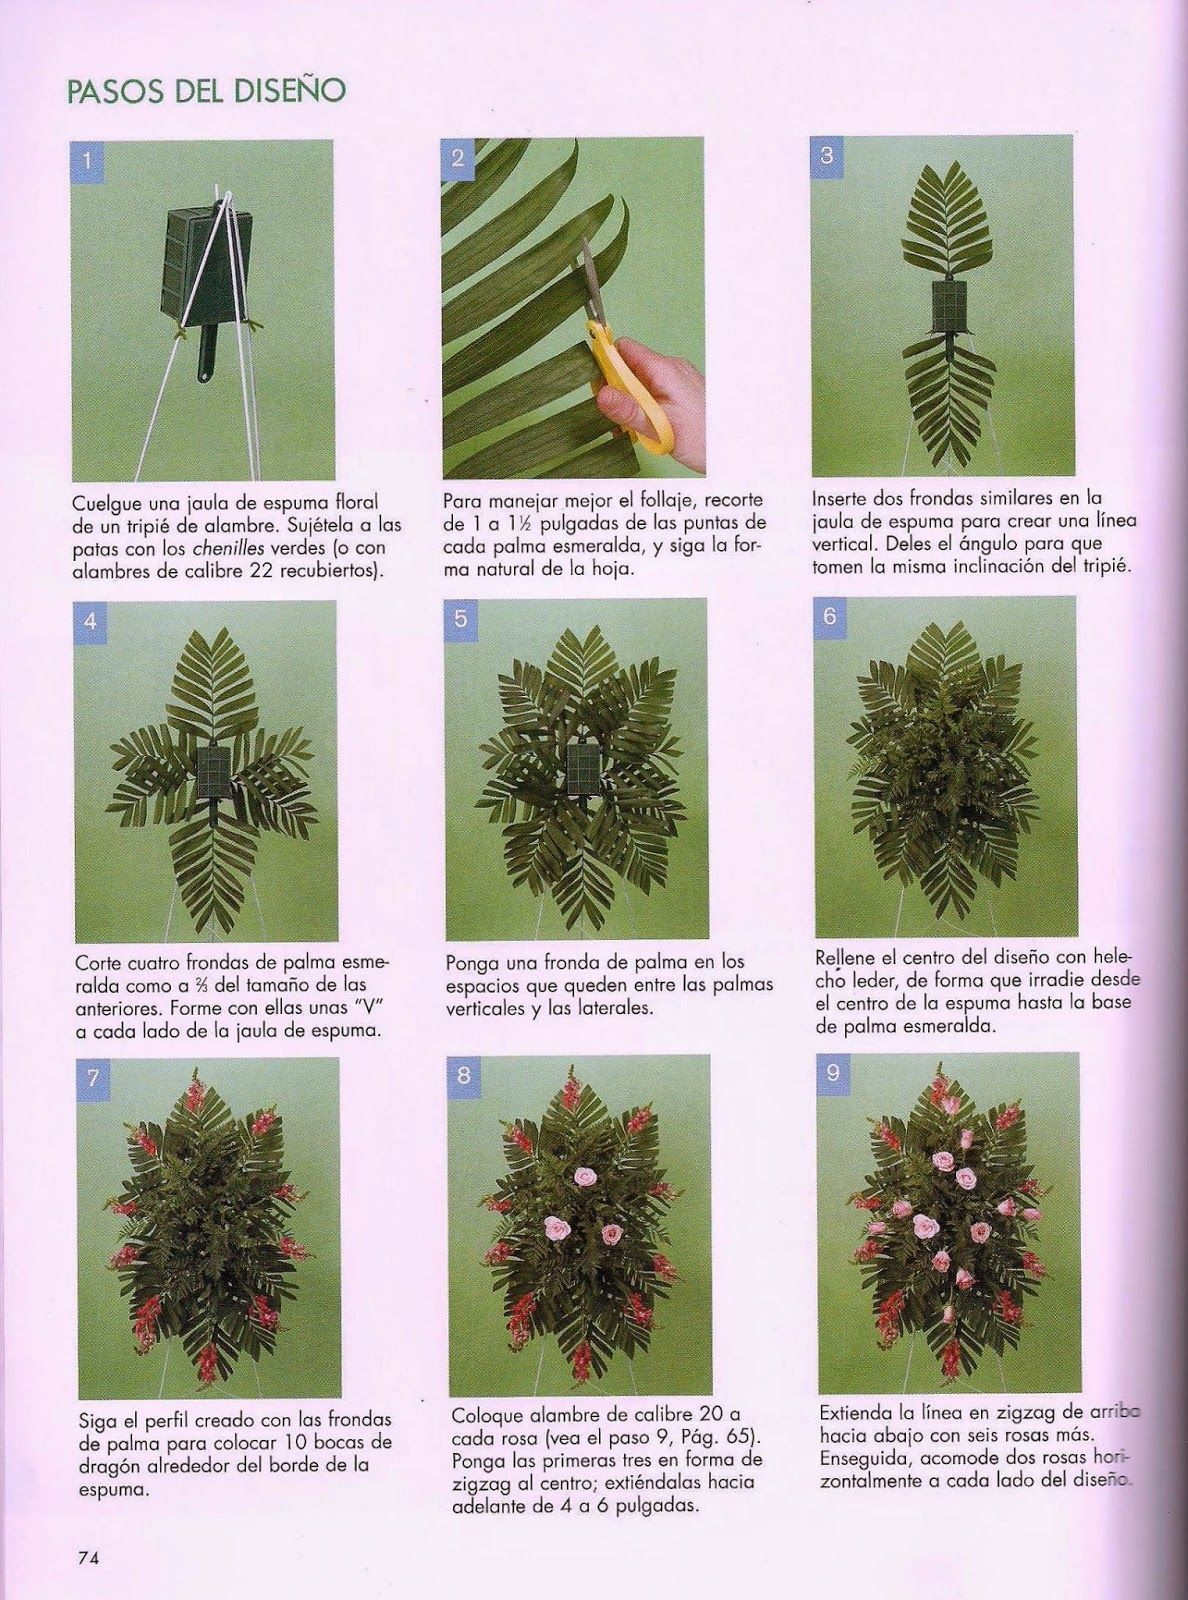 Most Recent Snap Shots Spring Funeral Flowers Ideas Flower Arrangements Diy Church Flower Arrangements Spring Flower Arrangements